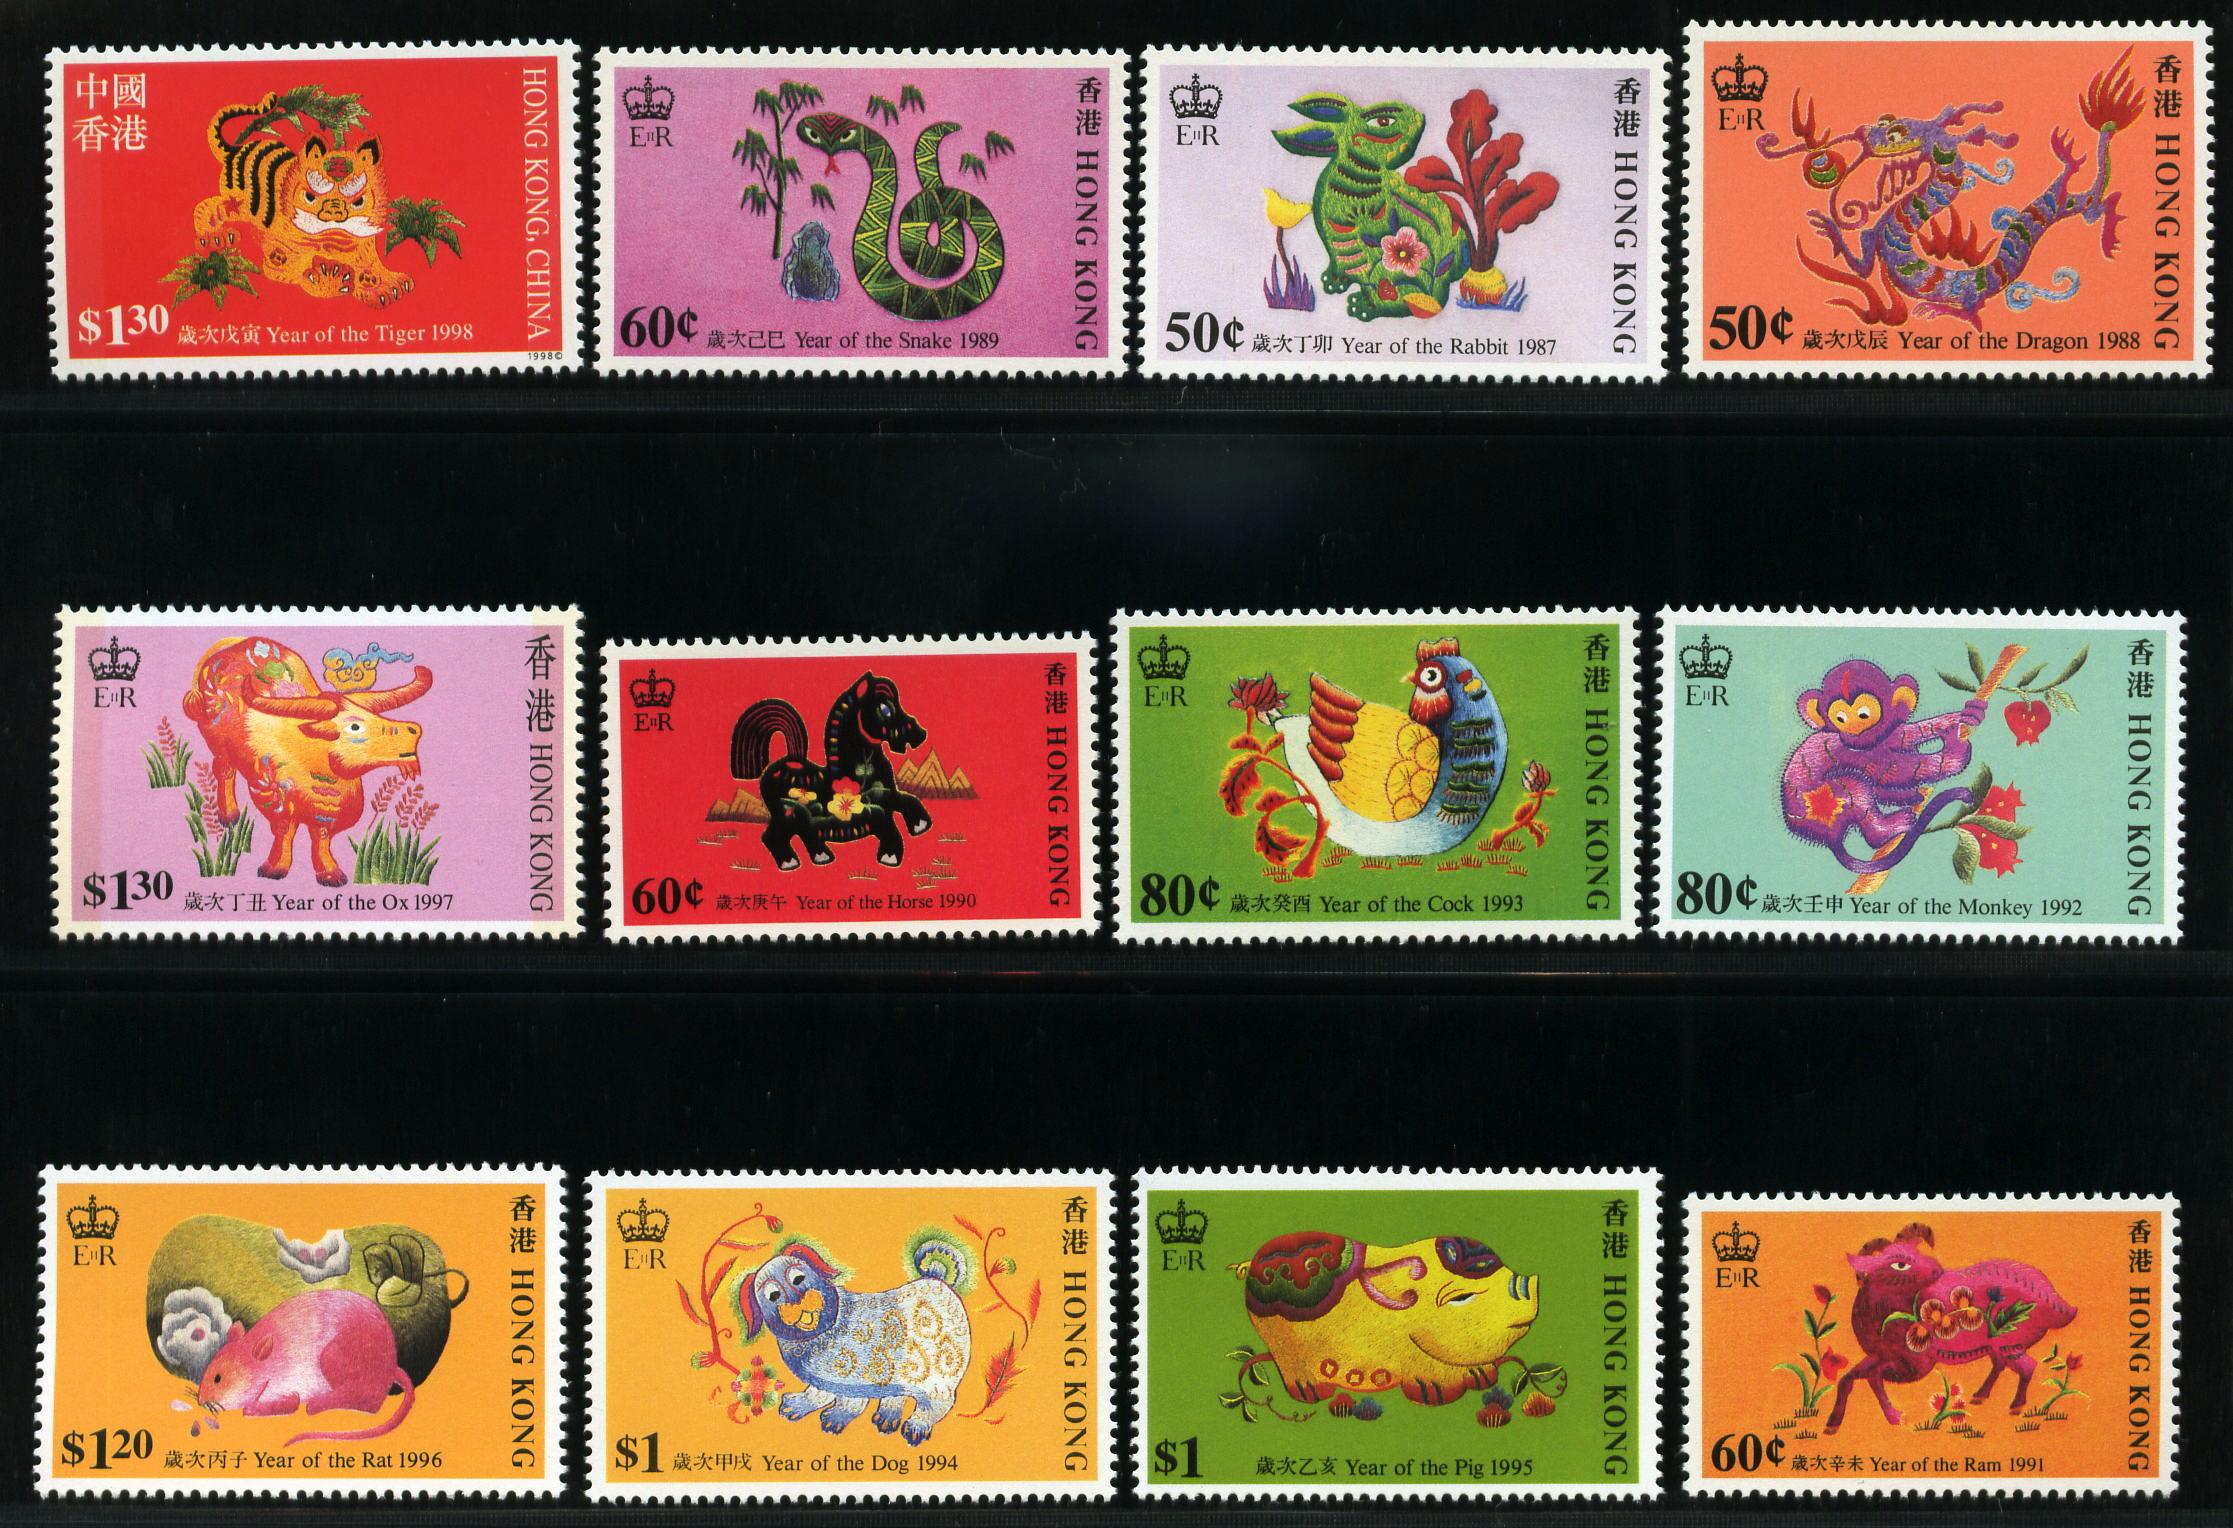 十二生肖邮票图片_十二生肖邮票价格